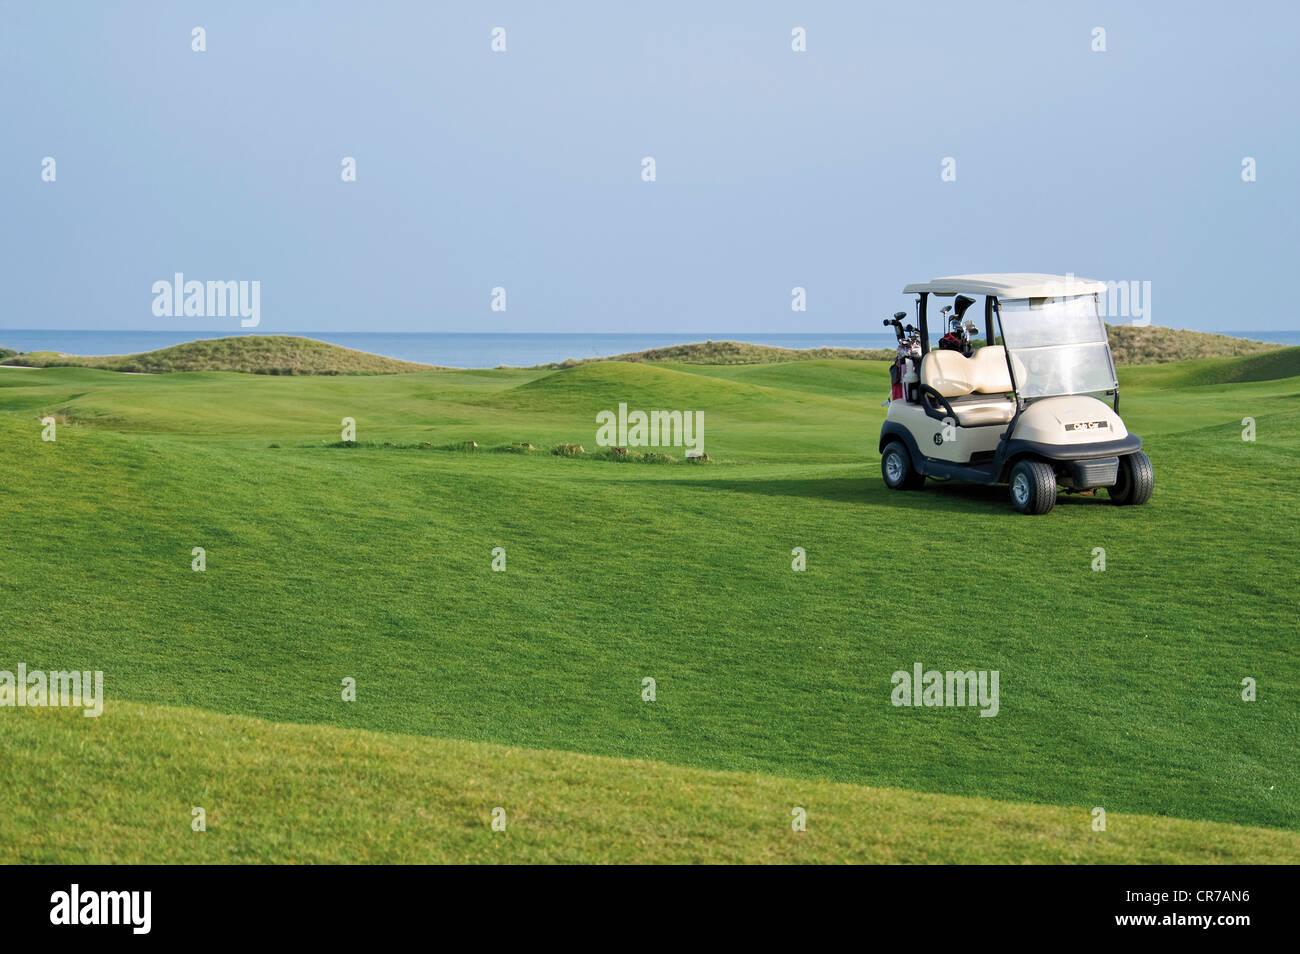 Türkei, Antalya, Golf-Cart auf der Wiese am Golfplatz Stockbild